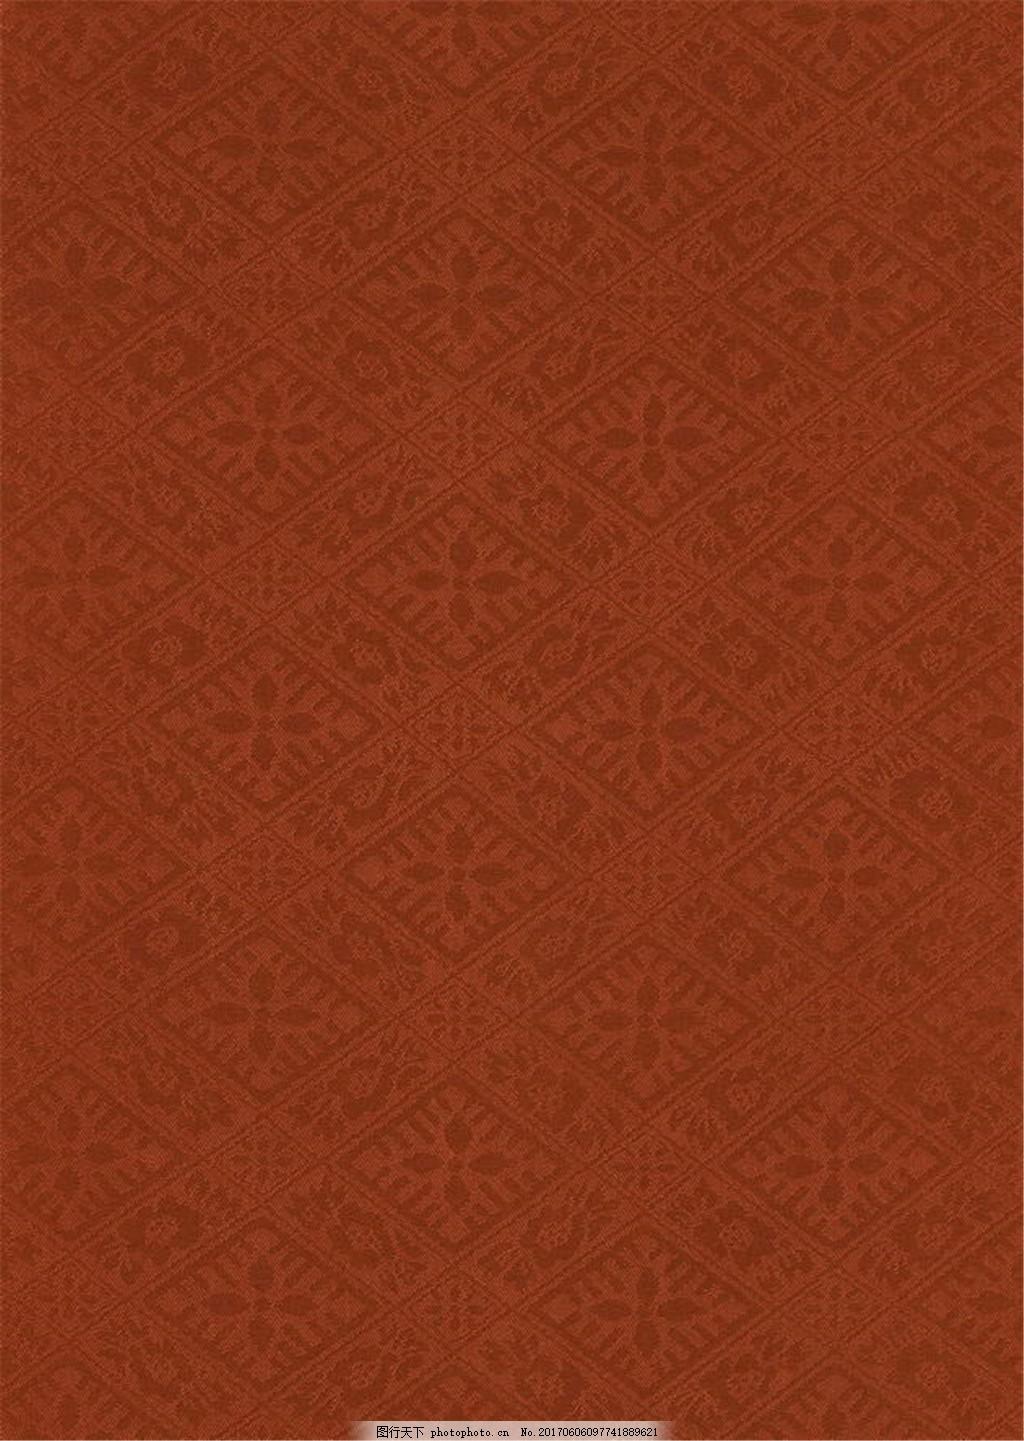 褐色布纹壁纸图 中式花纹背景 壁纸素材 无缝壁纸素材 欧式花纹